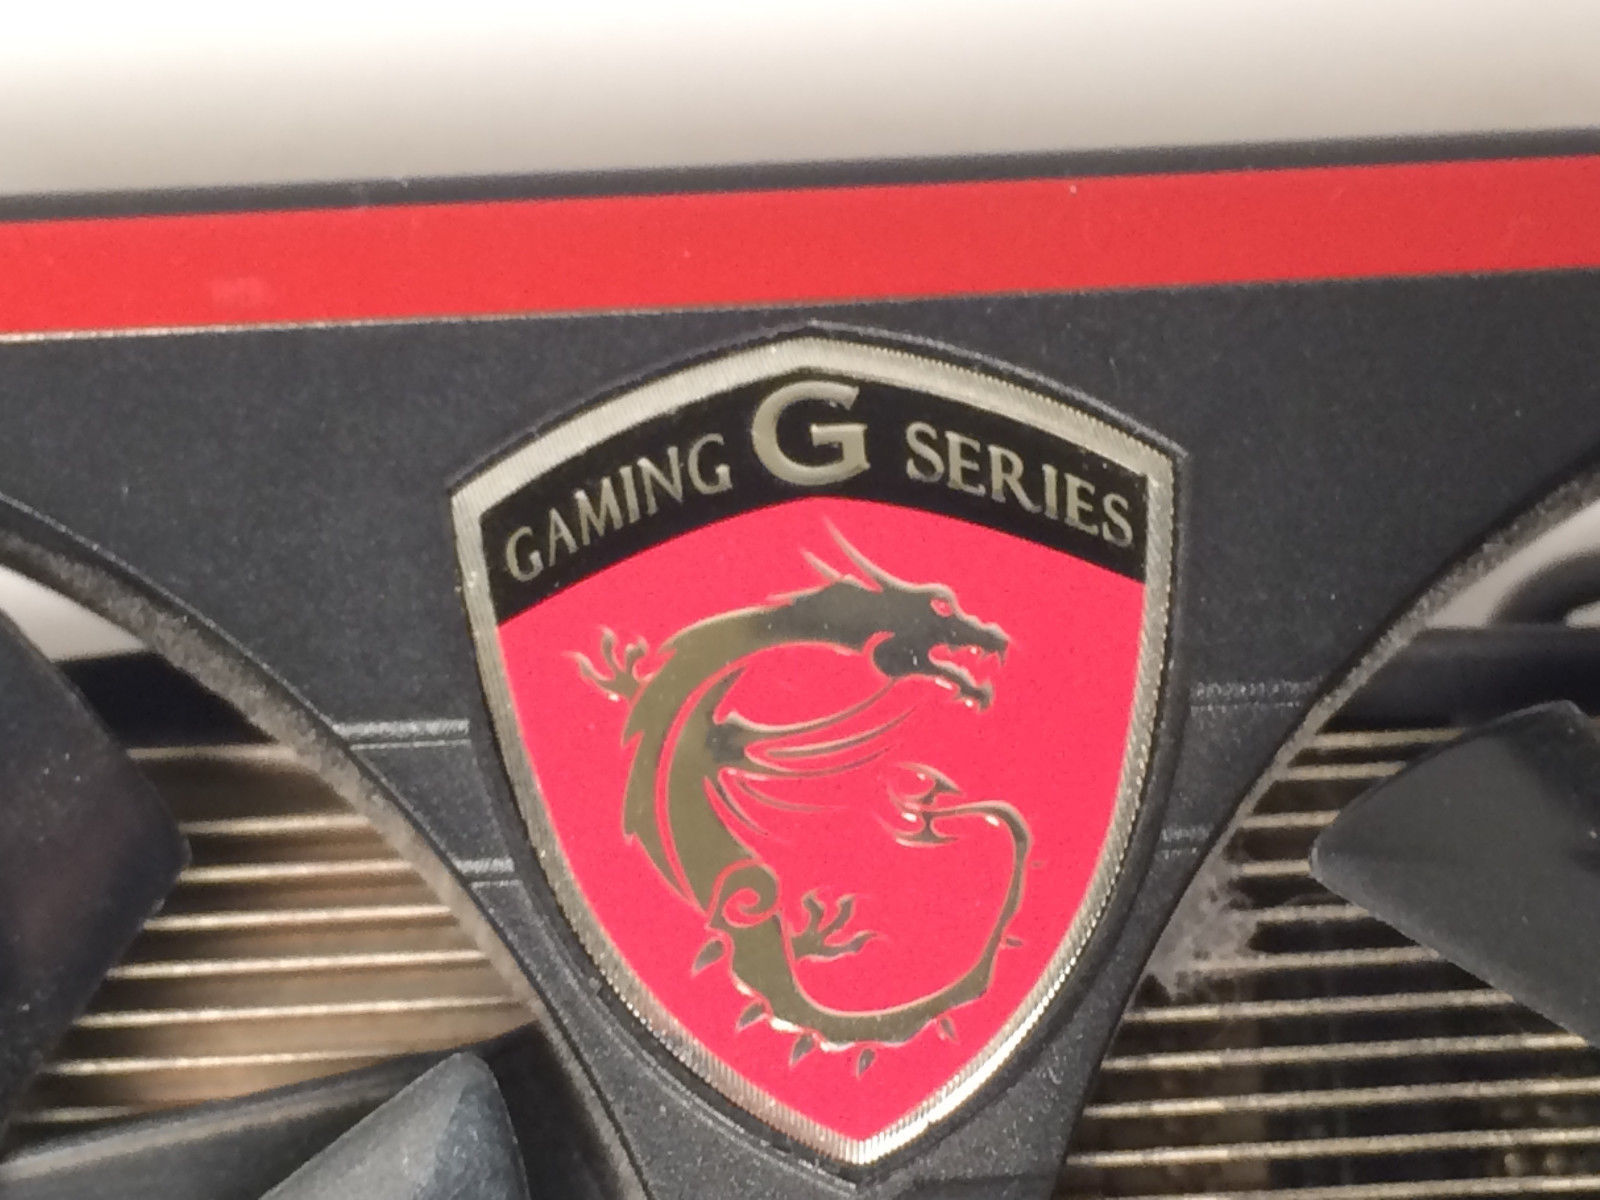 MSI Radeon R9 270 2G GPU Gaming G Series Video Card AS-IS